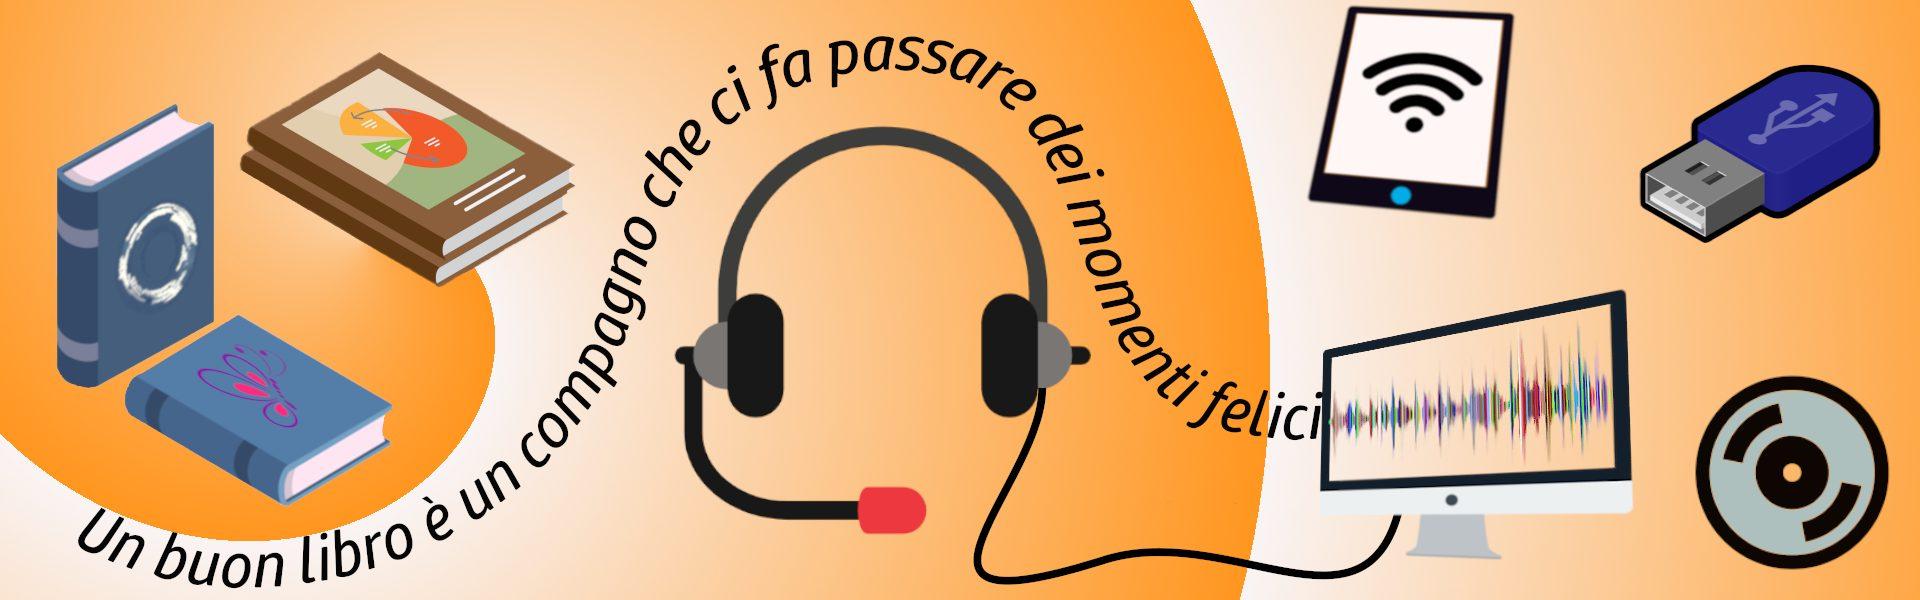 Registrazione personalizzata di audiolibri non presenti a catalogo